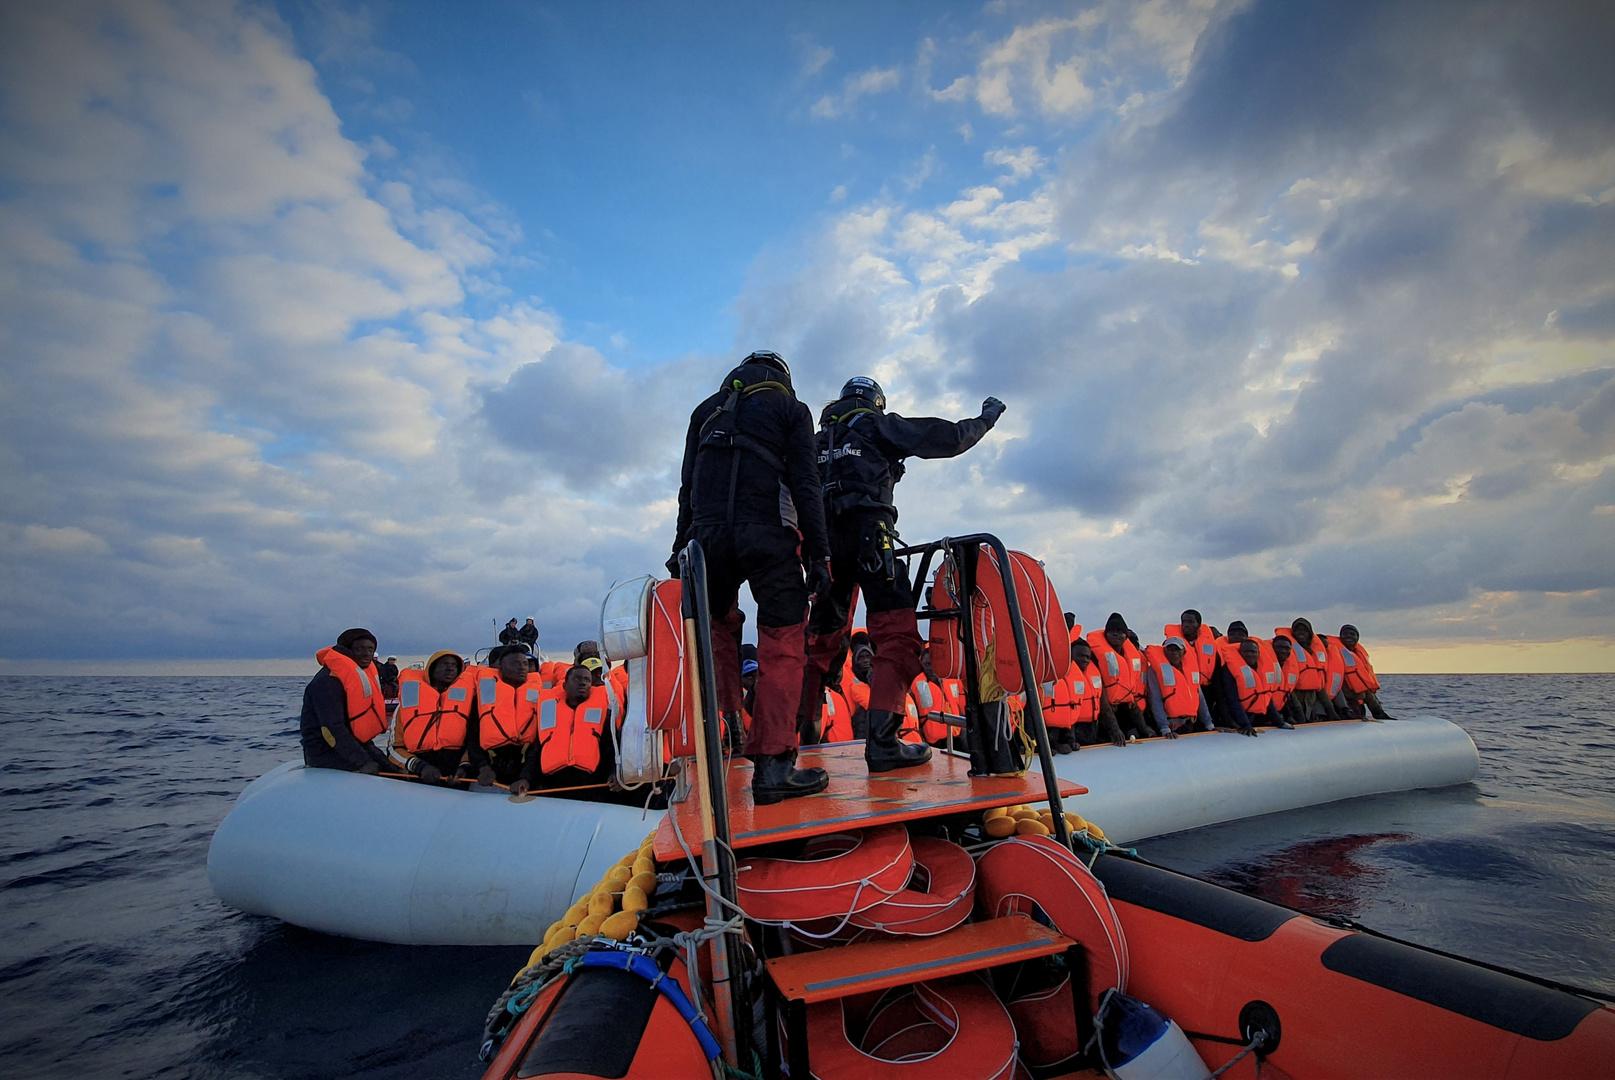 اليونان تتهم تركيا بمحاولة استفزازها بزوارق المهاجرين